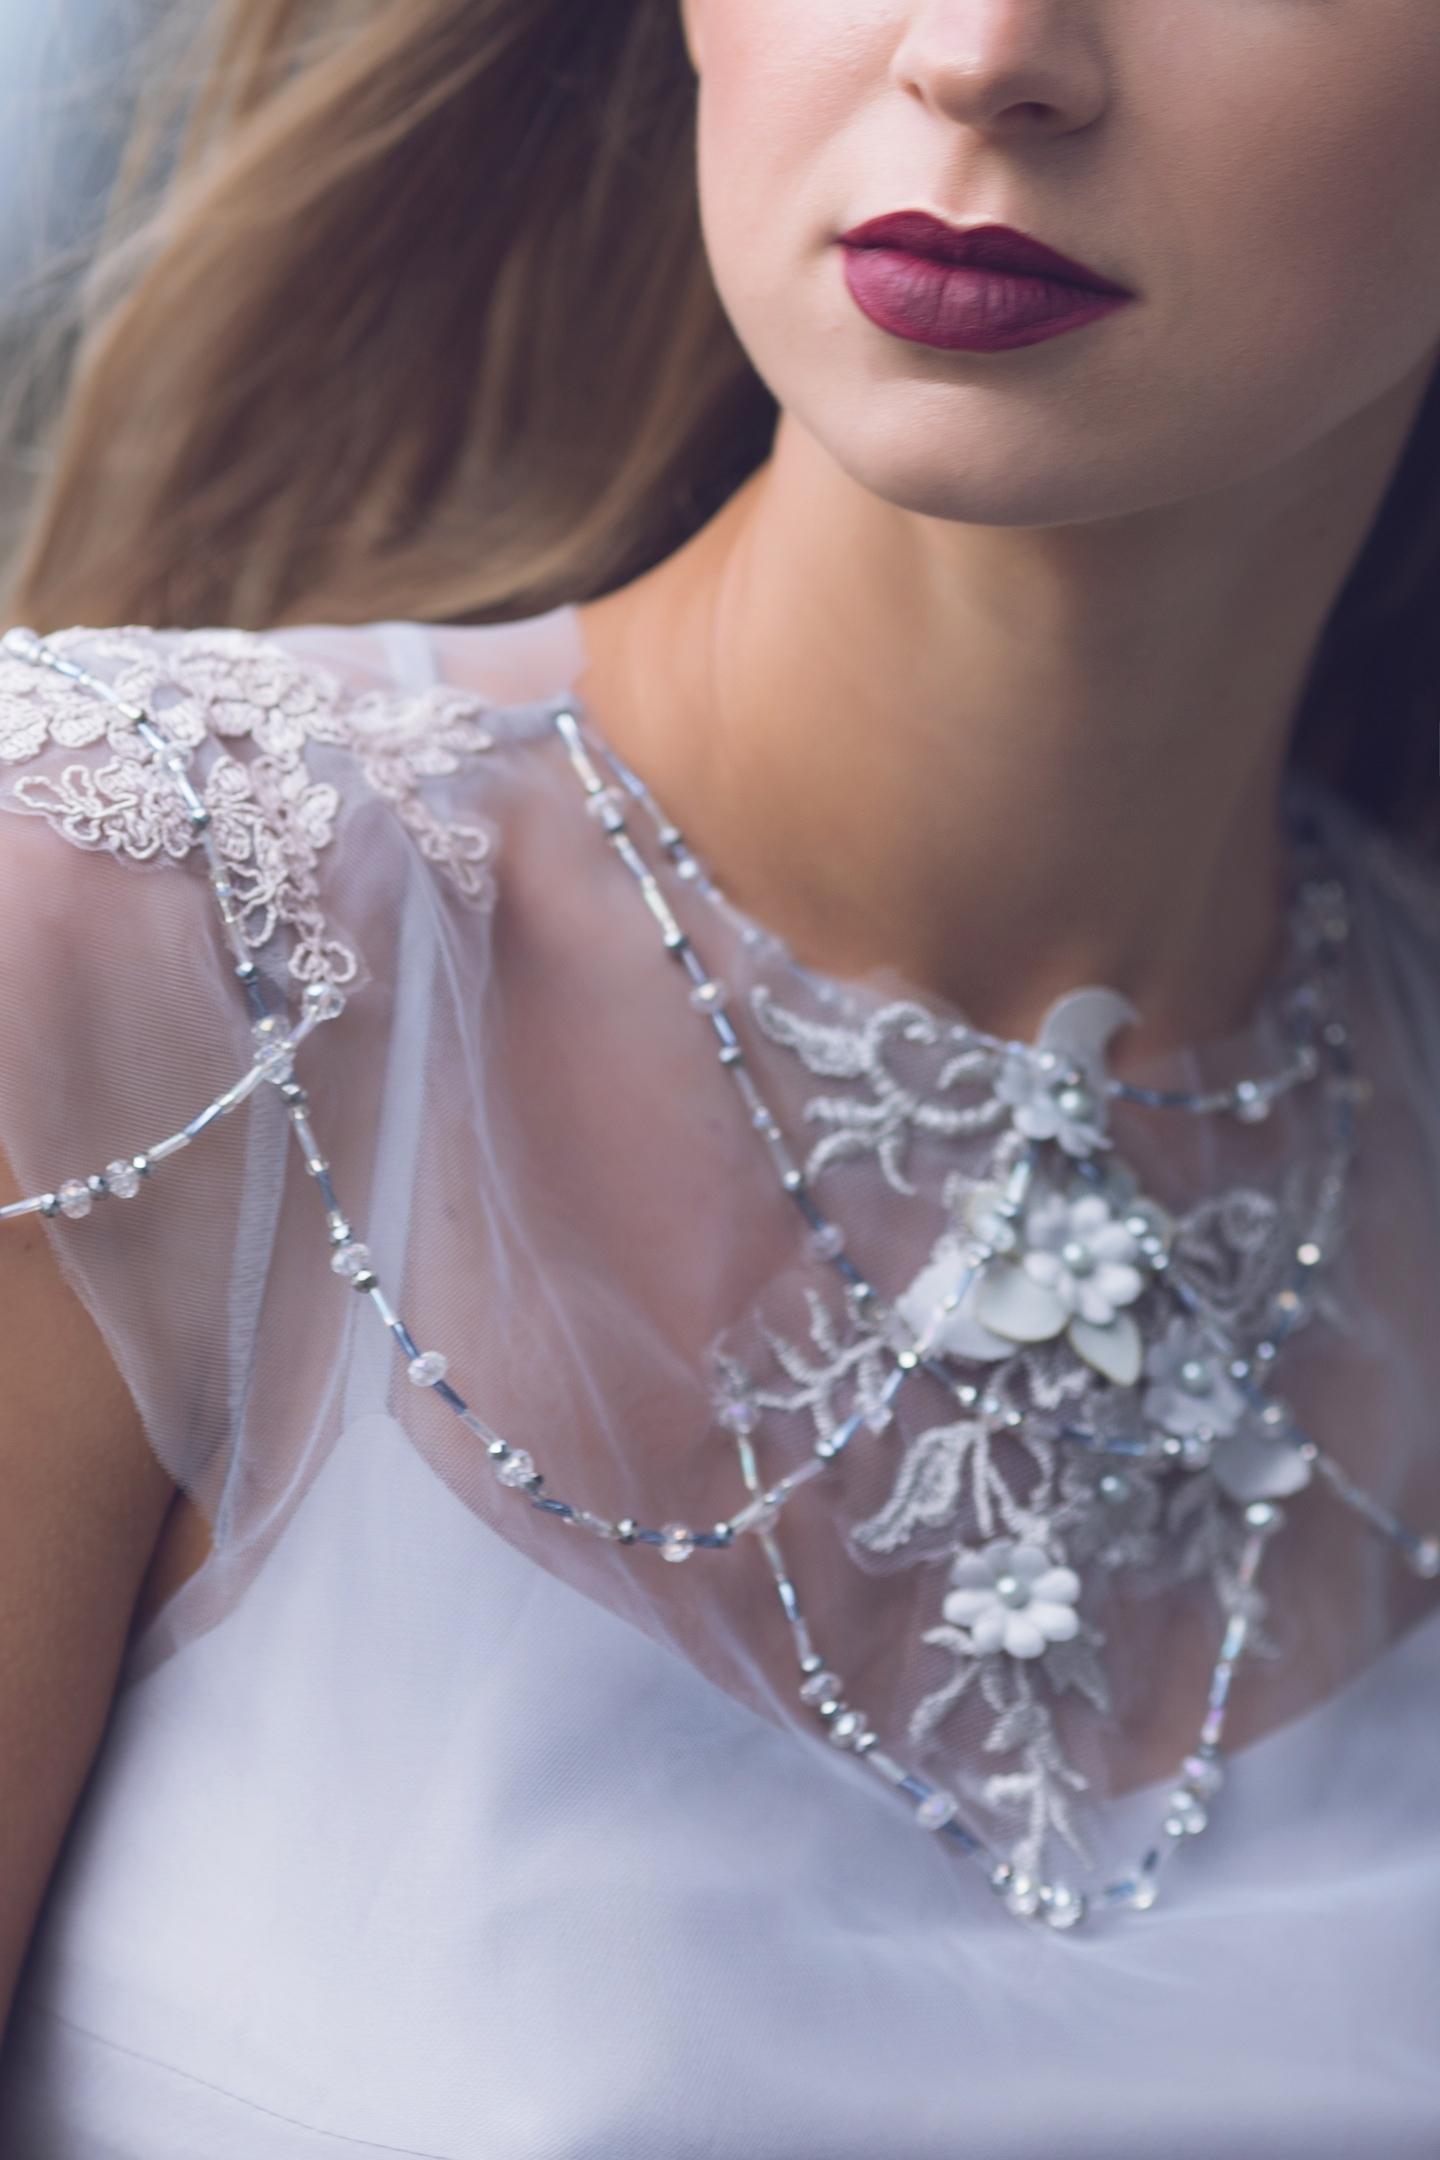 Множество тончайших нитей украшенных бусинами и бисером.